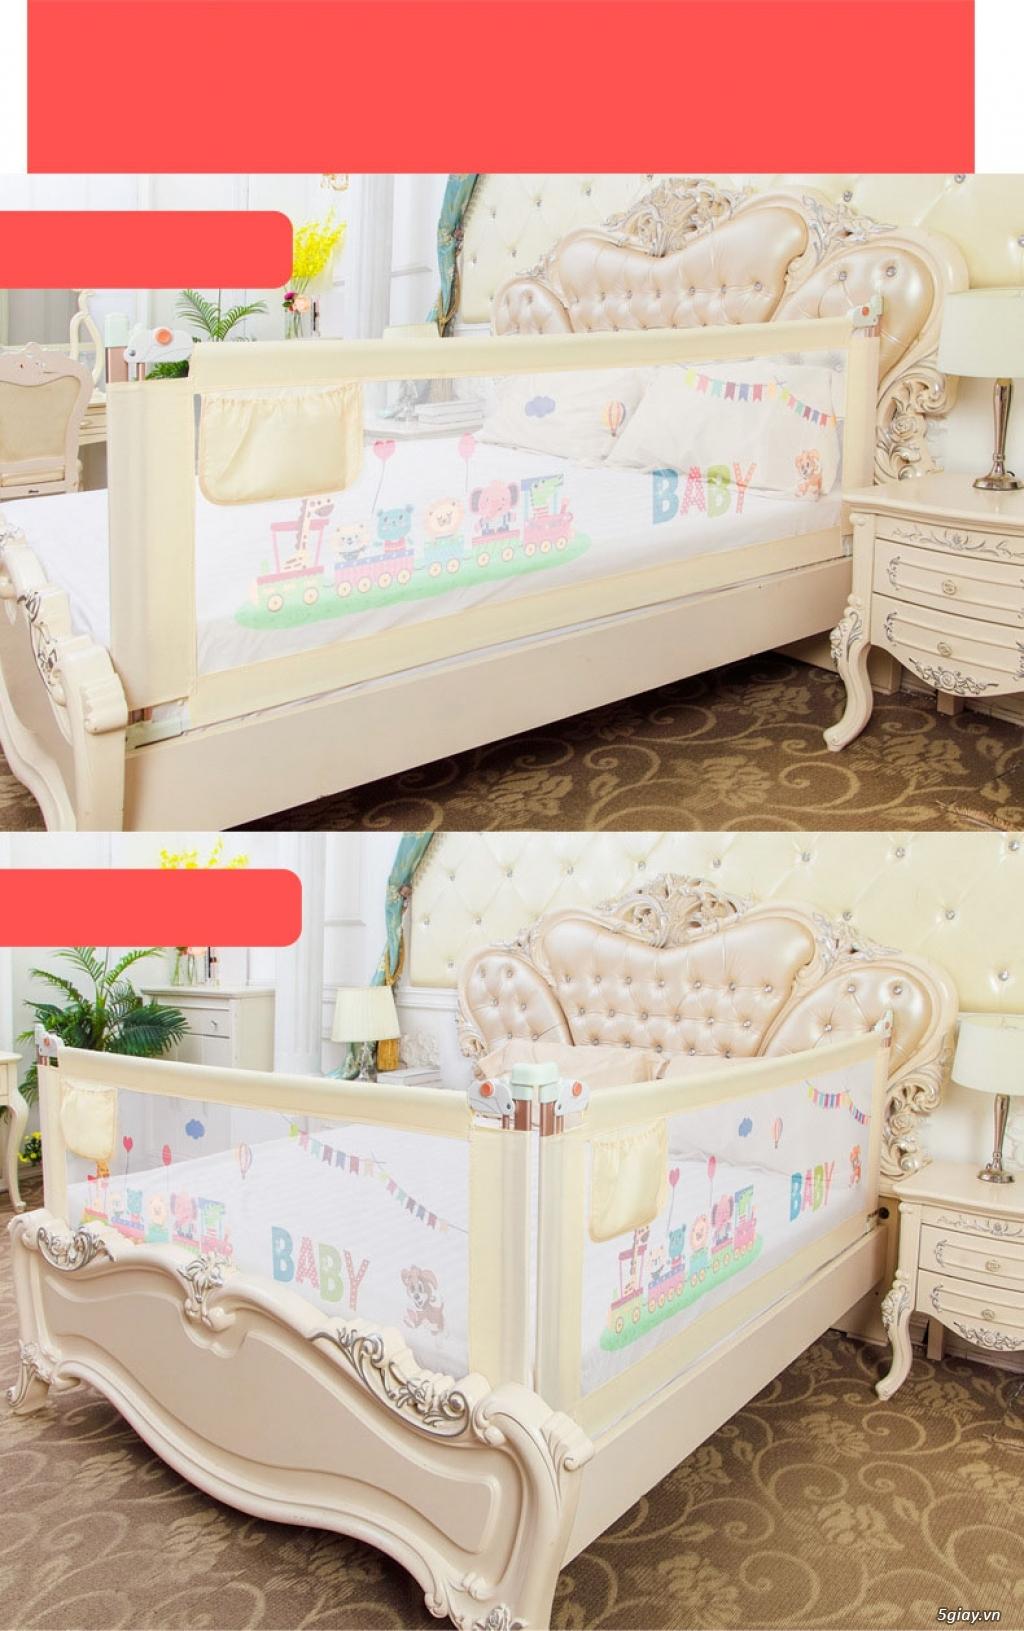 Tấm quây giường an toàn 3B Mart cho trẻ nhỏ - 2